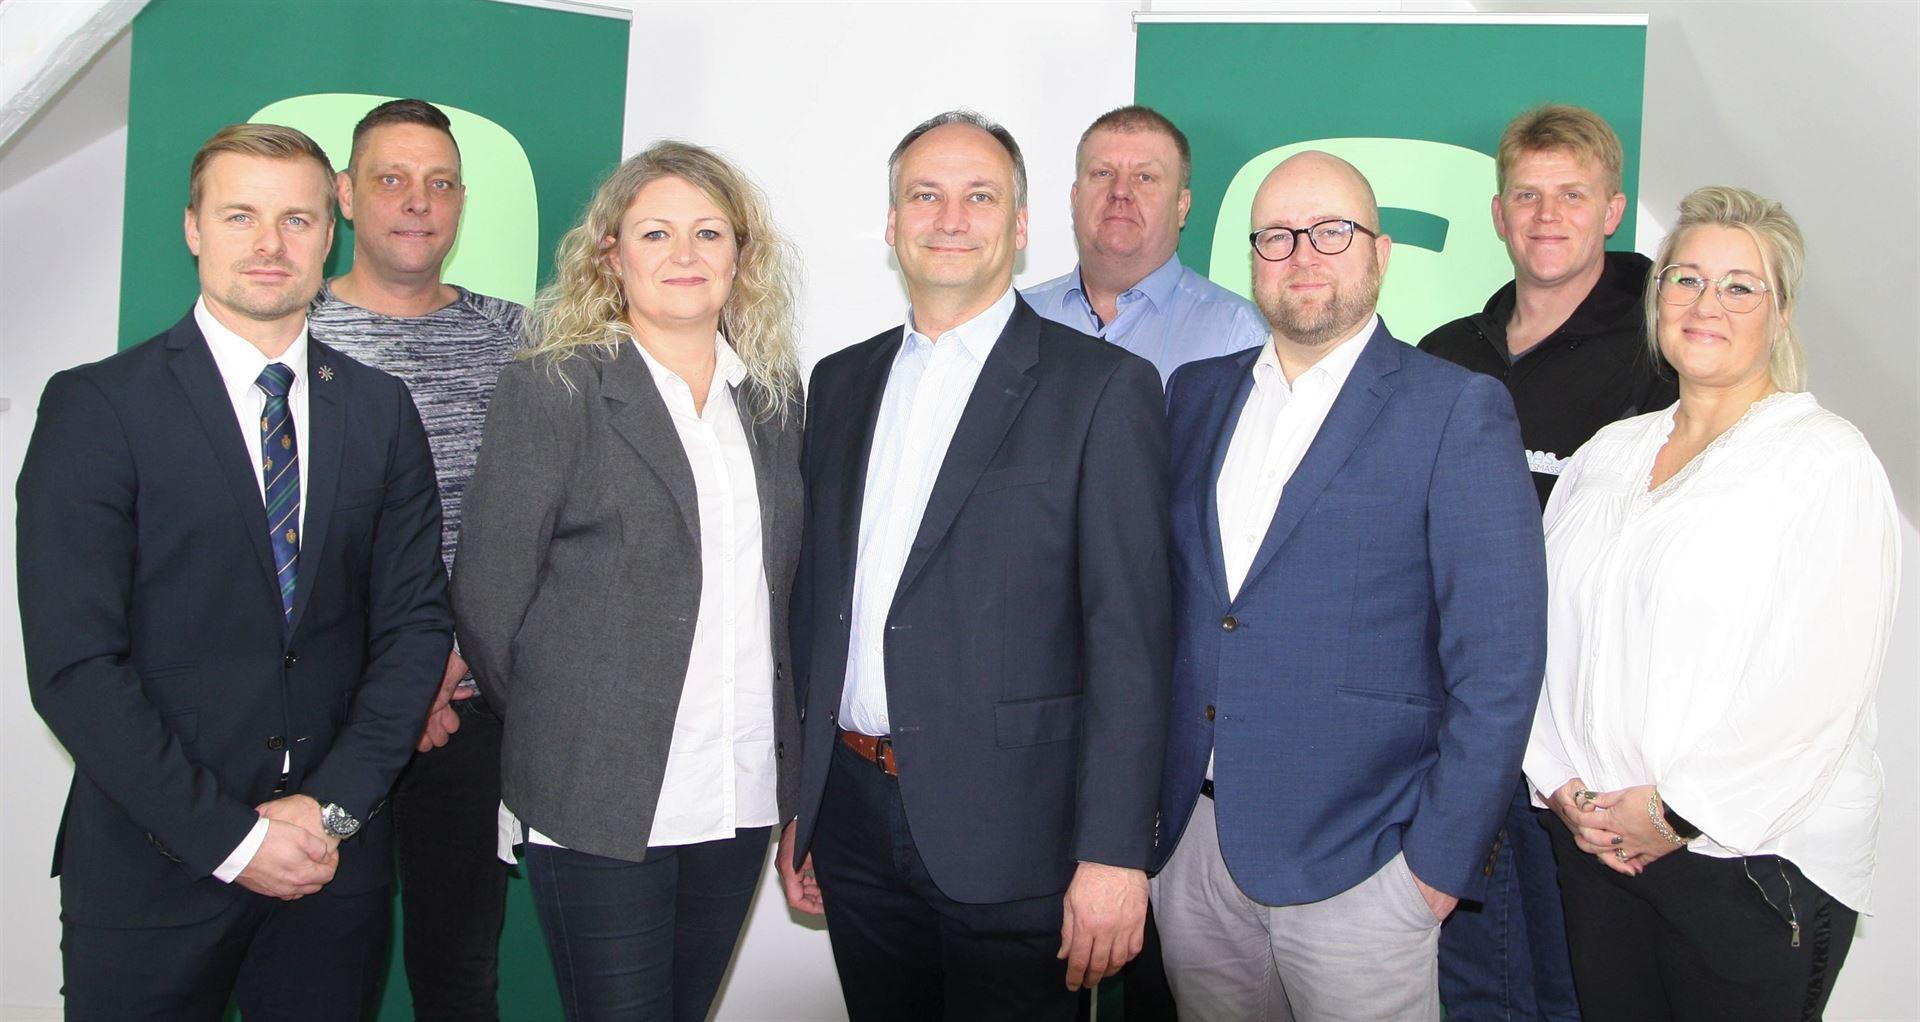 bagerst fra venstre: Henrik Mielke Ravn, Jens Asmussen, Kenneth Haas - Forrest fra venstre: Martin Karas Christiansen, Jannie Westergaard, Kjeld Thrane, Kim Koch, Tina Rosenkilde Foto: Pressefoto